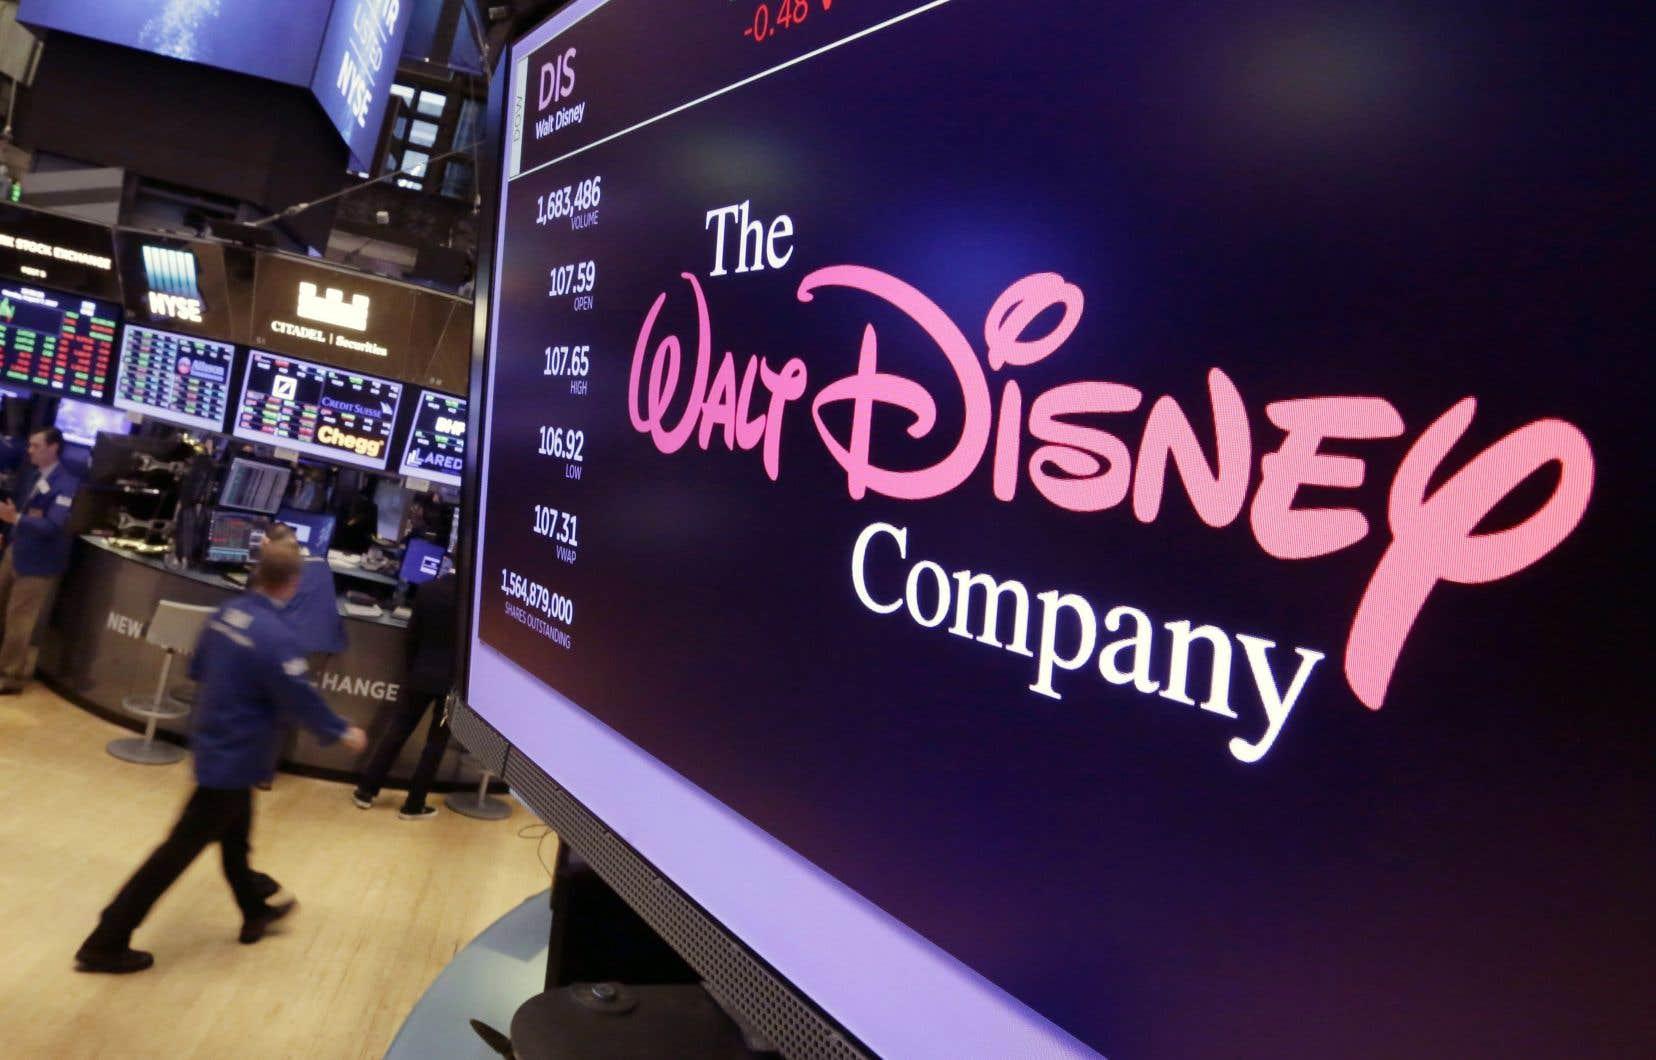 Disney et WarnerMedia lancent chacun leur propre service de vidéo sur demande en 2019 pour s'attaquer à la domination de Netflix.